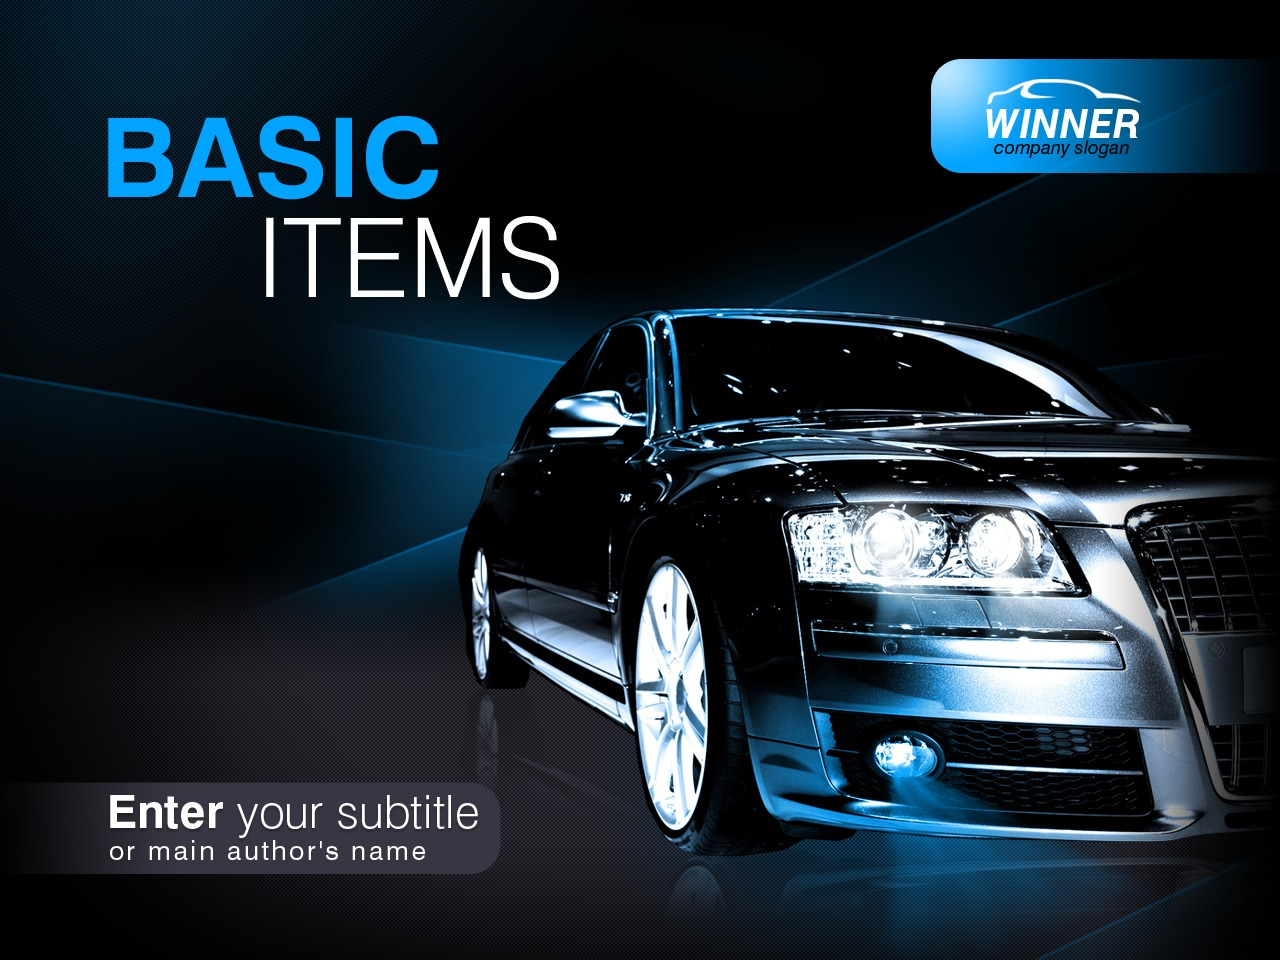 Szablon PowerPoint #30563 na temat: sprzedawca samochodów - zrzut ekranu